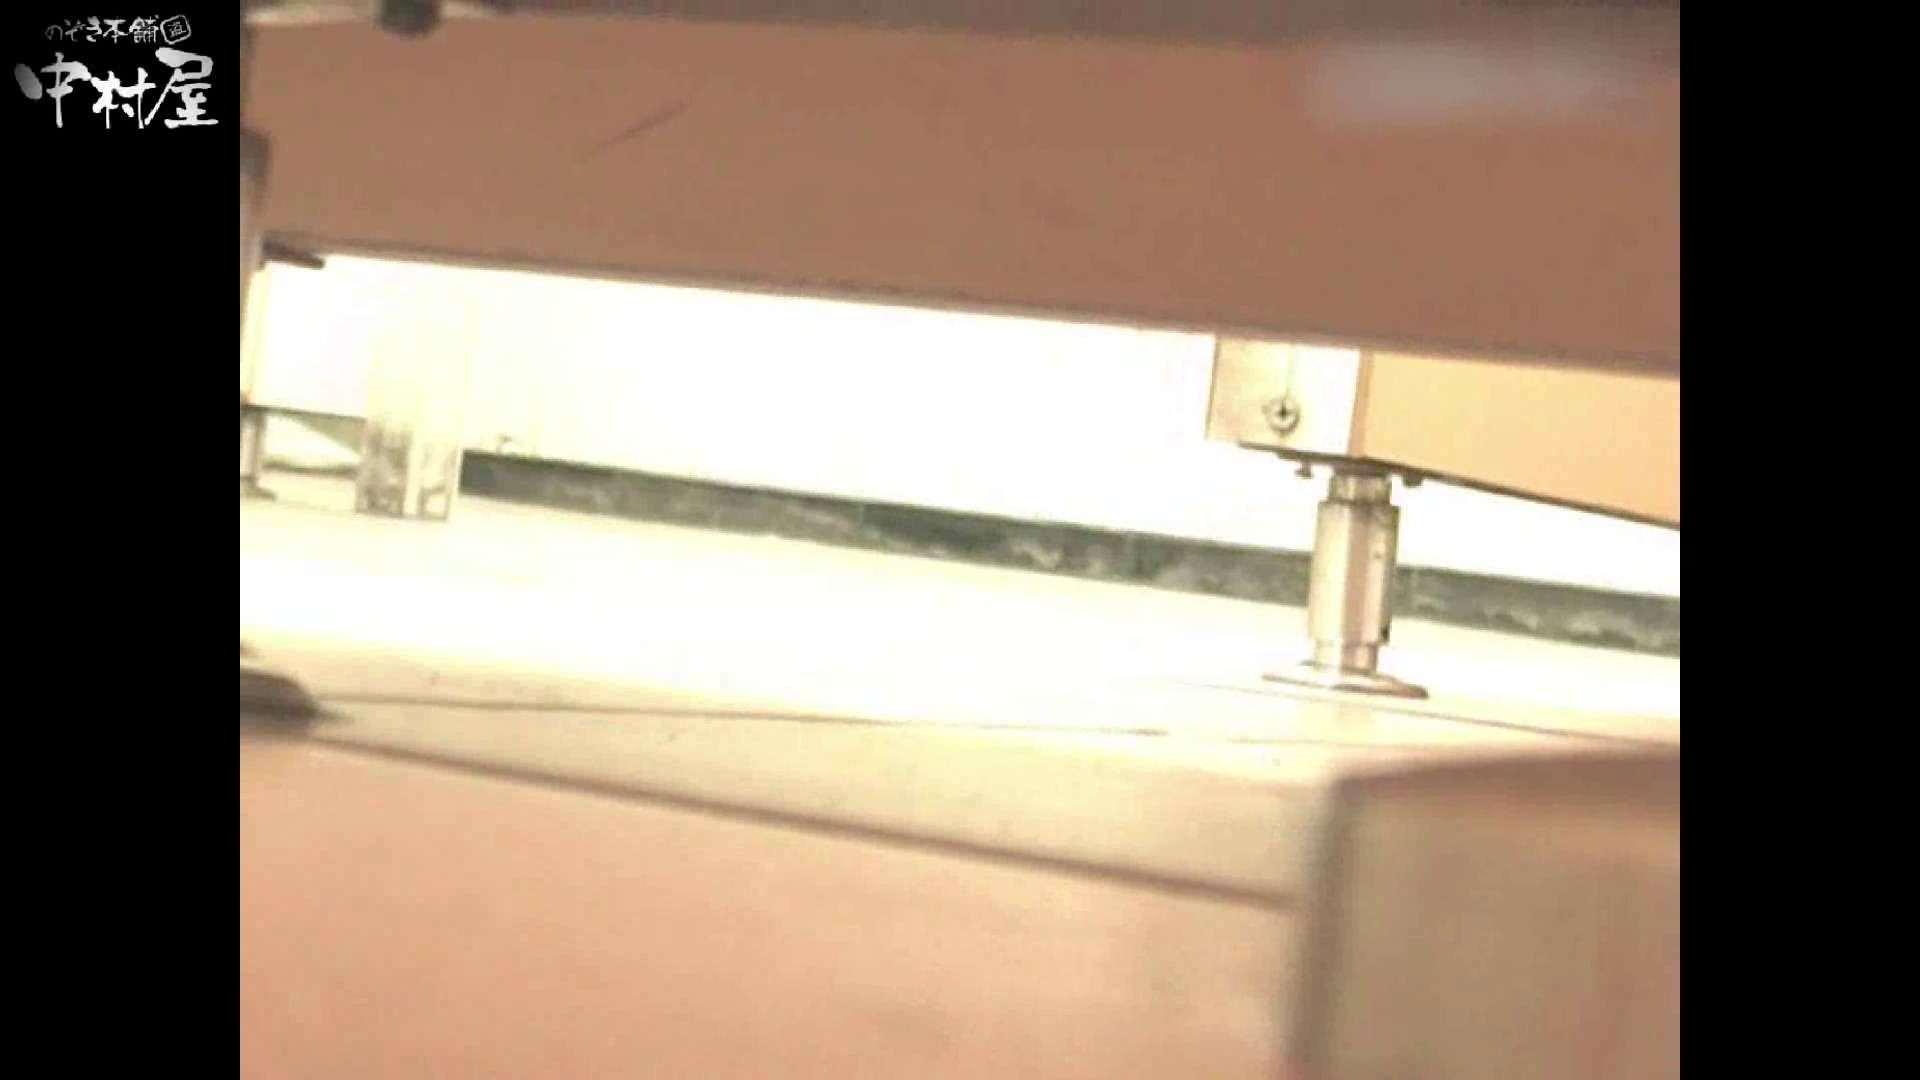 岩手県在住盗撮師盗撮記録vol.08 盗撮師作品 | 厠隠し撮り  79pic 78